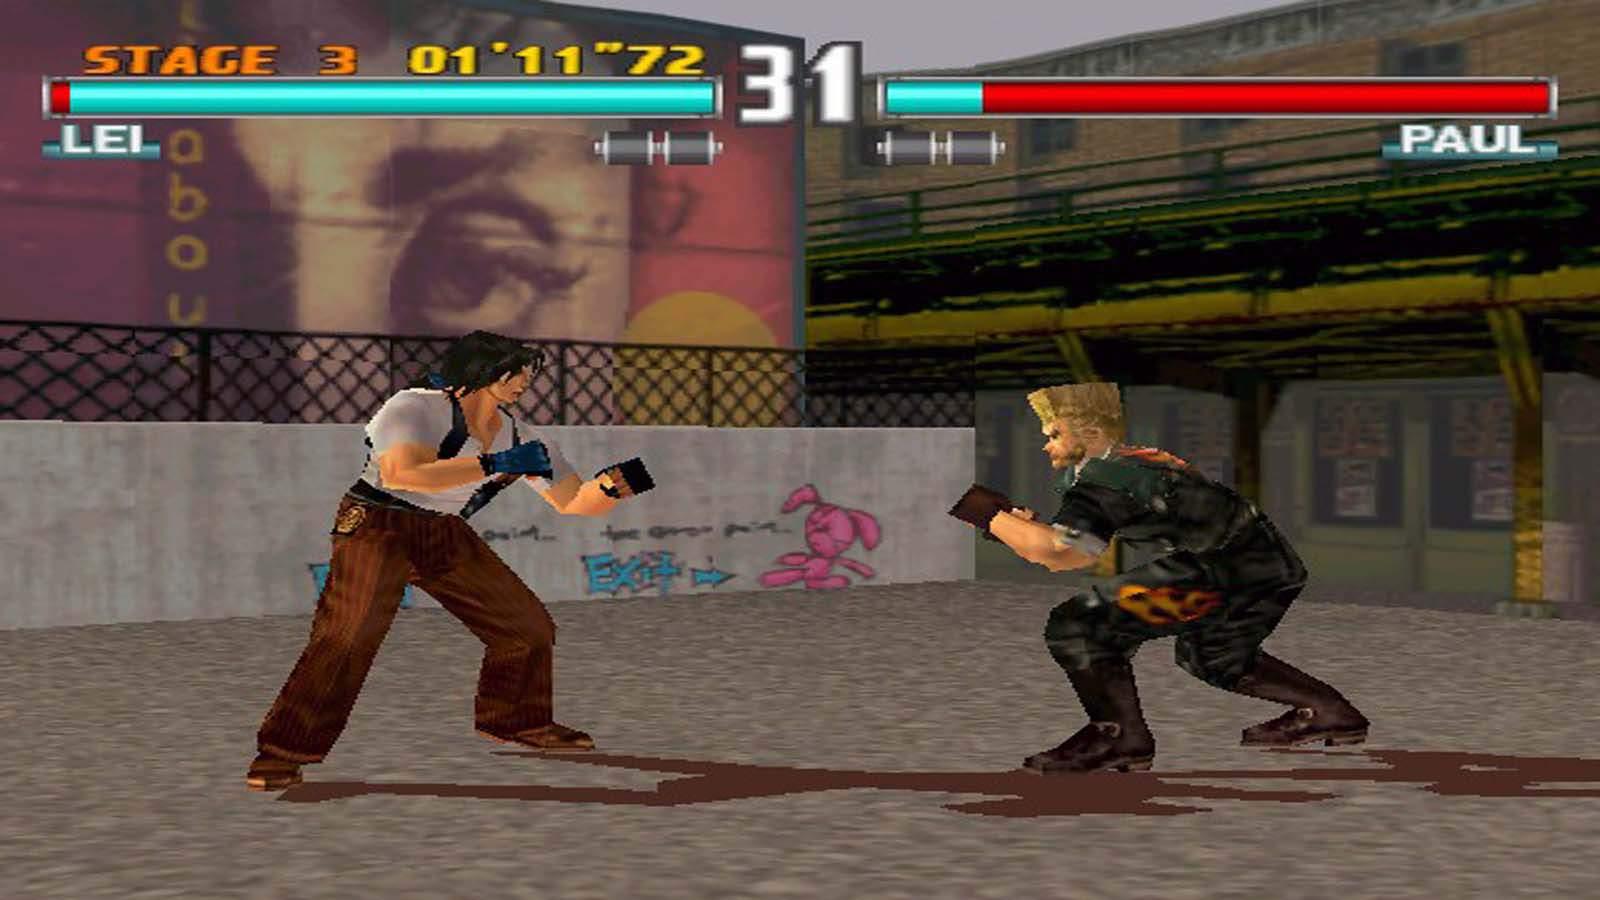 تنزيل لعبة تيكن 3 للكمبيوتر لعبة الأكشن Tekken 3 كاملة برابط مباشر من ميديا فاير Tekken-3-Full-PC-Gam